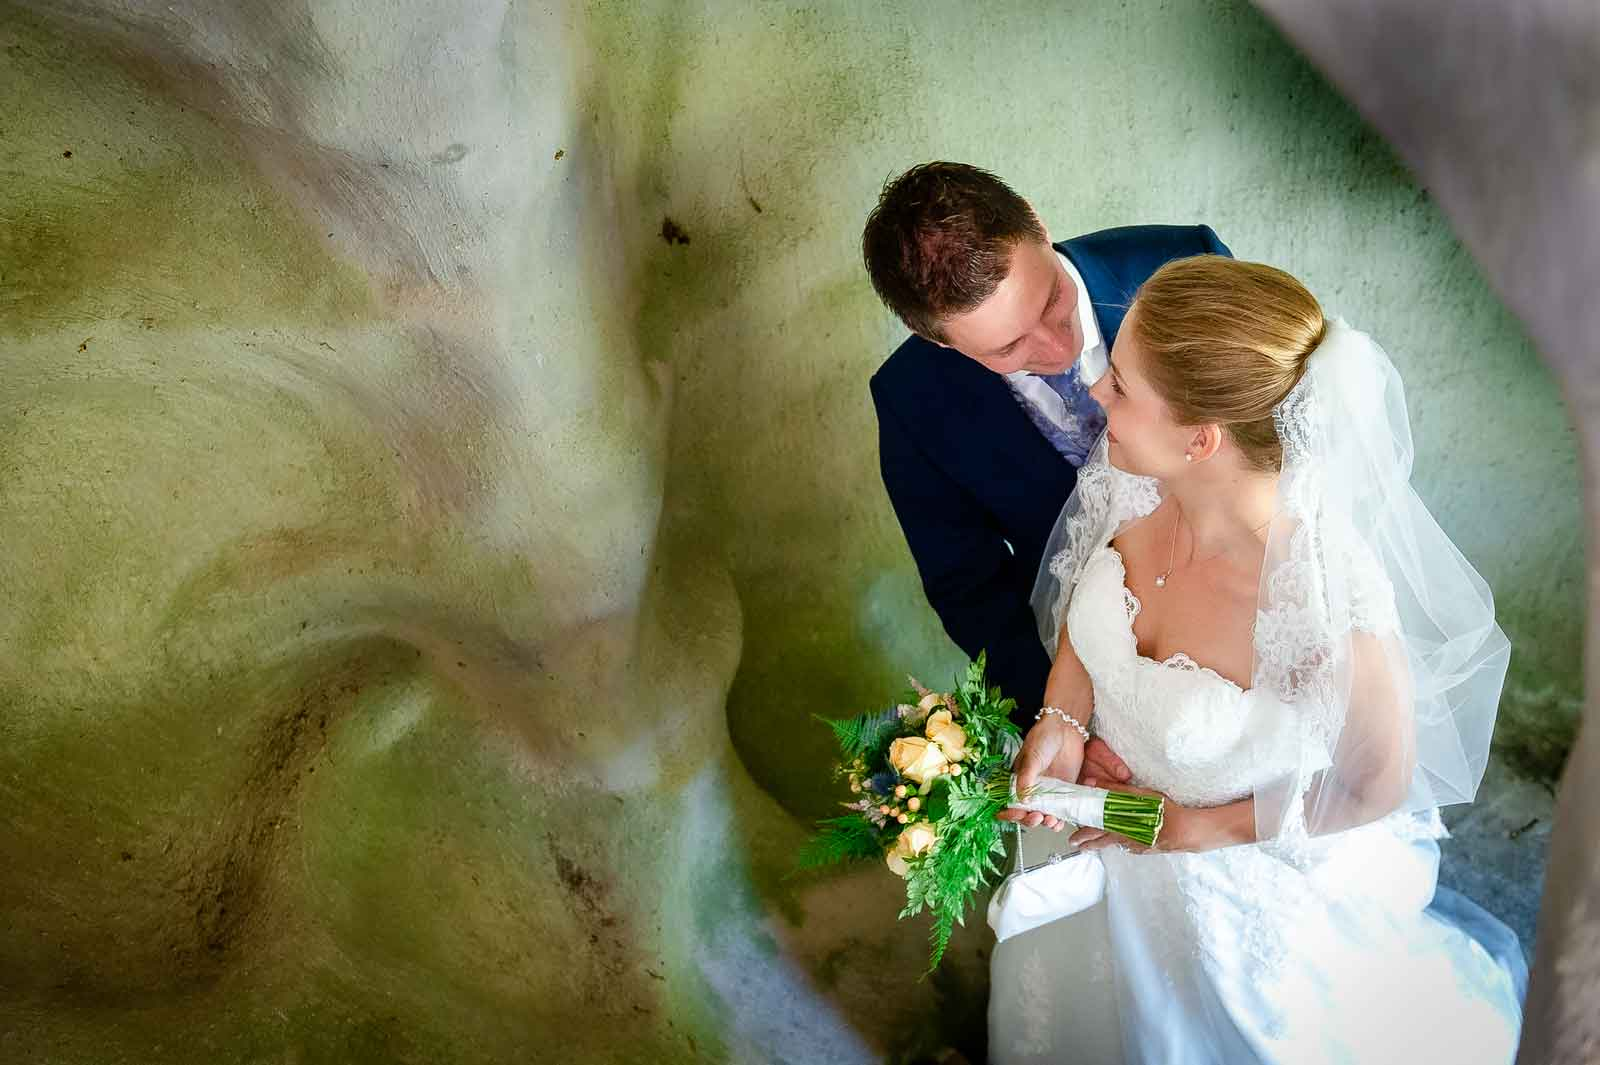 Bruidspaar in een trappegat bij Kasteeltuinen te Arcen